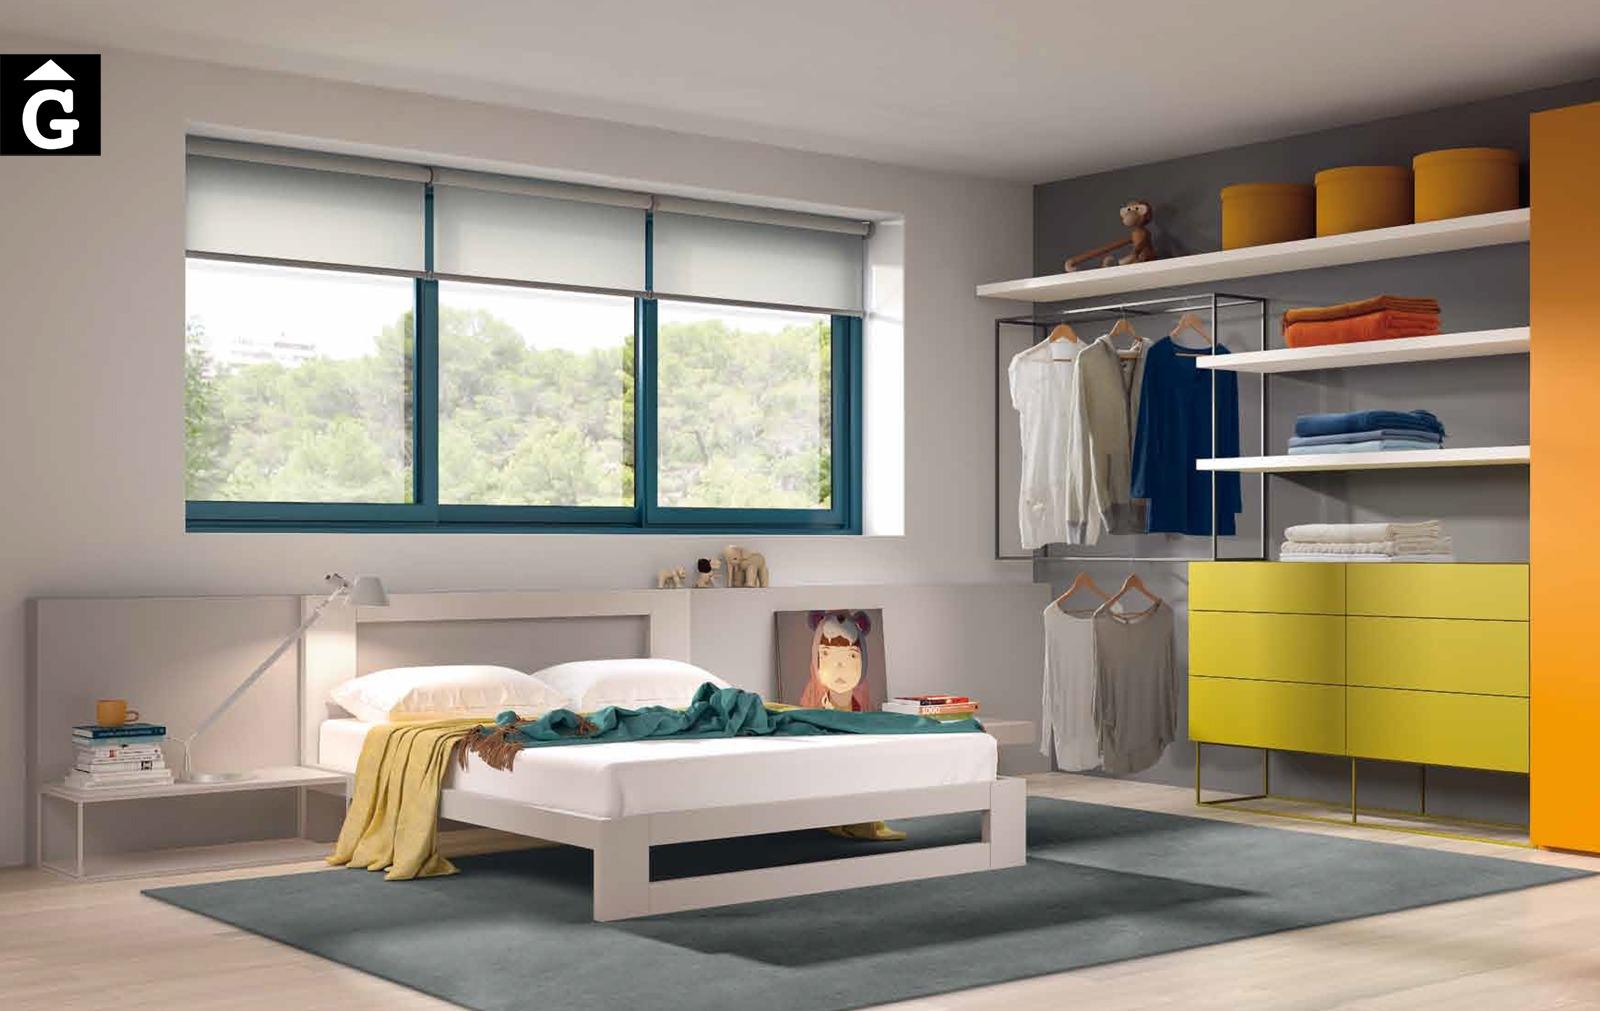 Habitació juvenil Besfomr by Mobles GIFREU Armaris Vestidors Habitcions a mida modern minim elegant atemporal